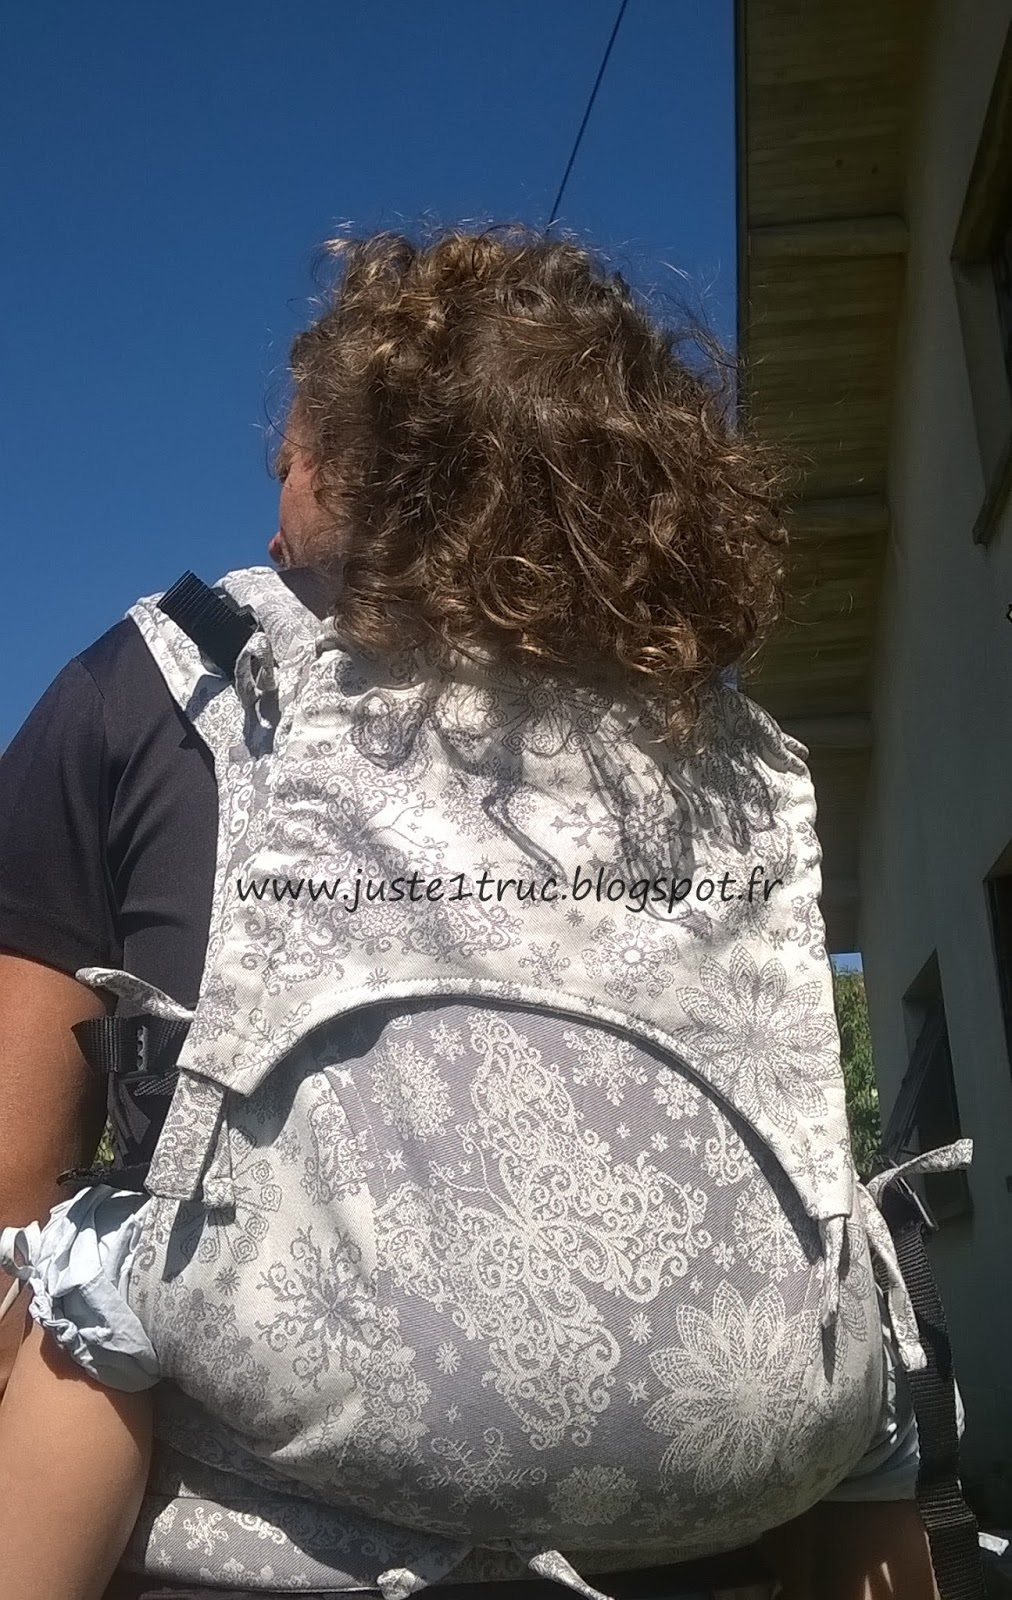 fusion fidella fullbuckle préformé portage babywearing dimensions  caractéristiques porte-bébé b0159a48d09